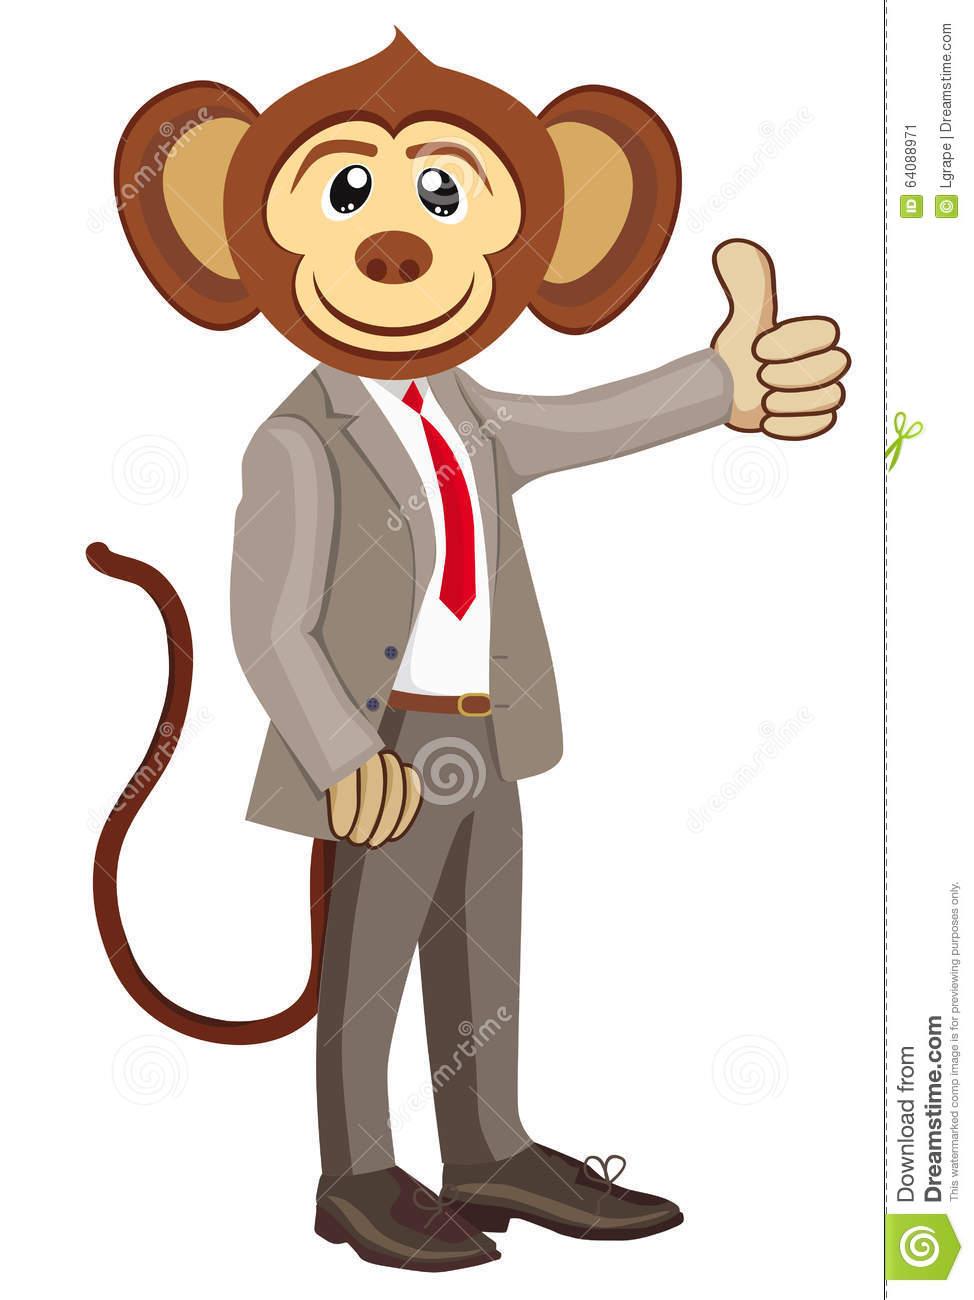 表情 套你猴子表情包 画猴子的简笔画 猴子捞月儿童画 猴子图片大全简